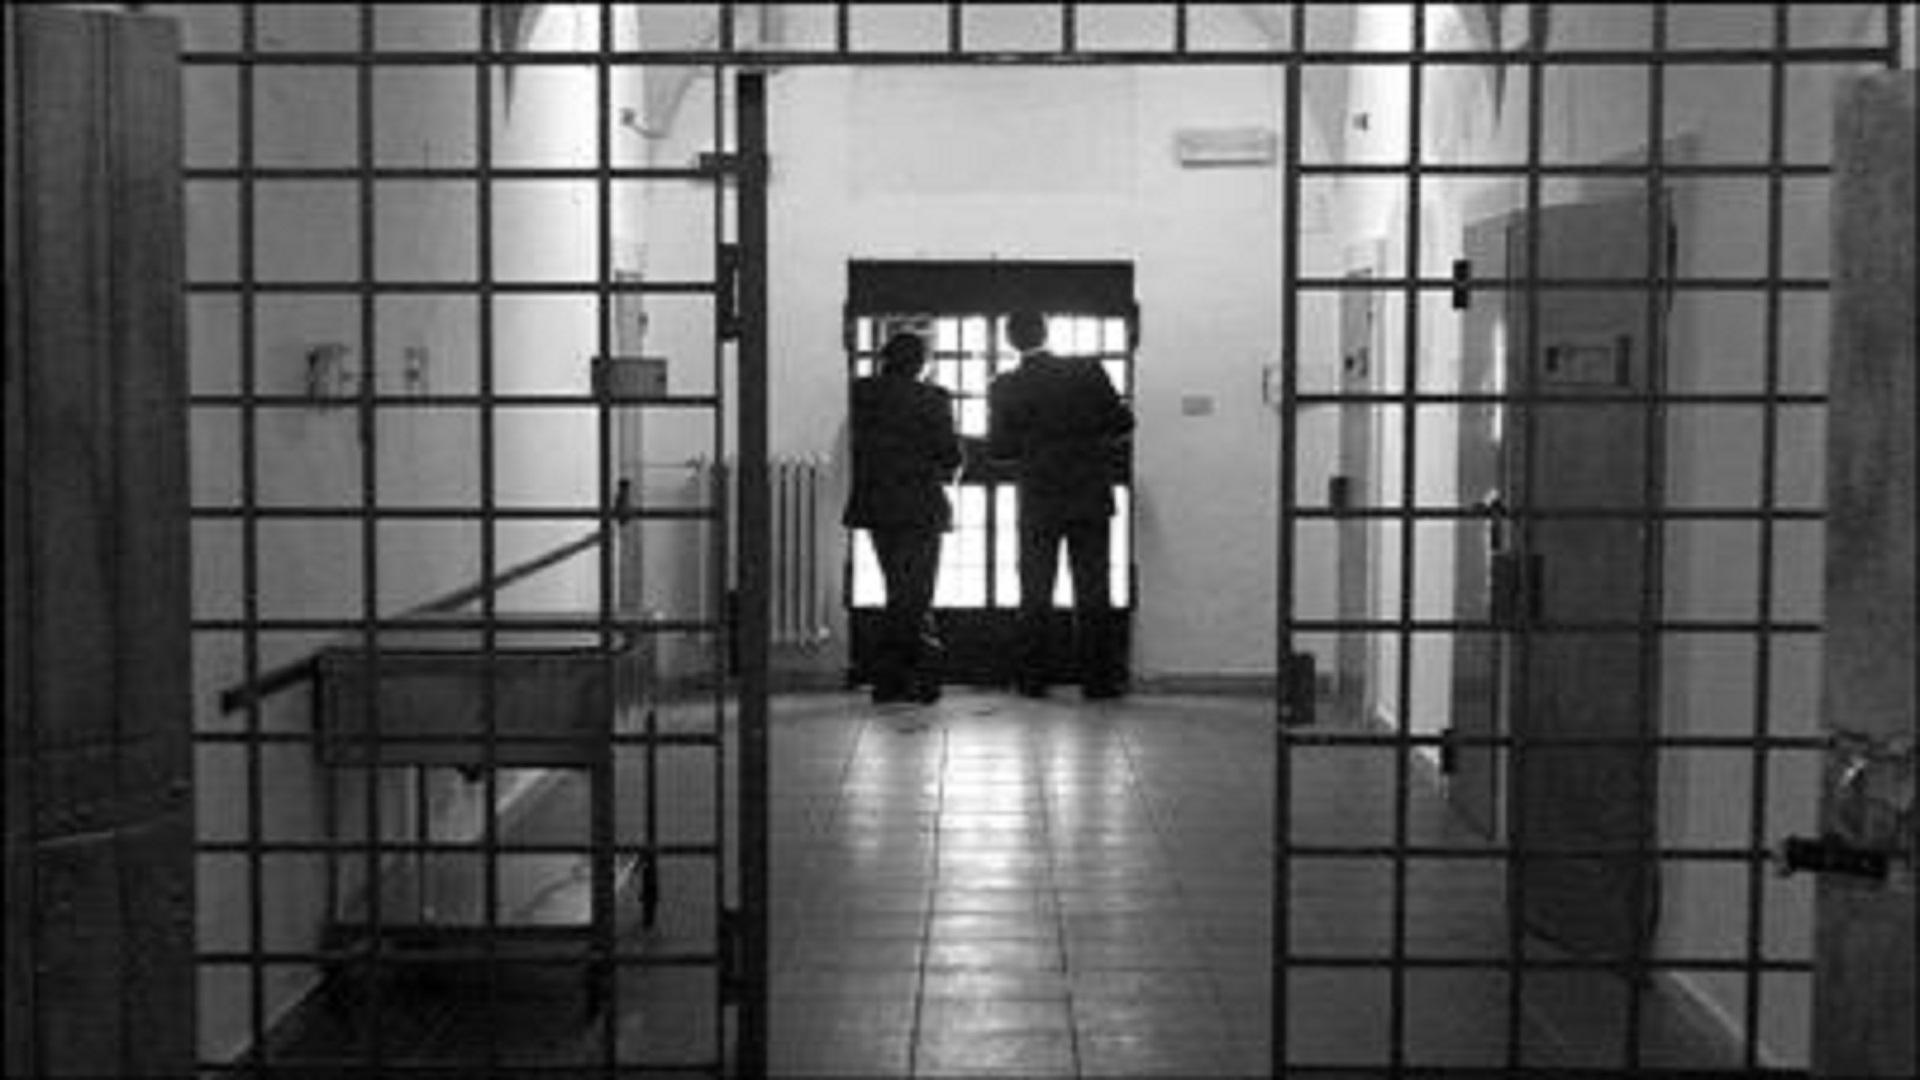 All'interno del carcere.